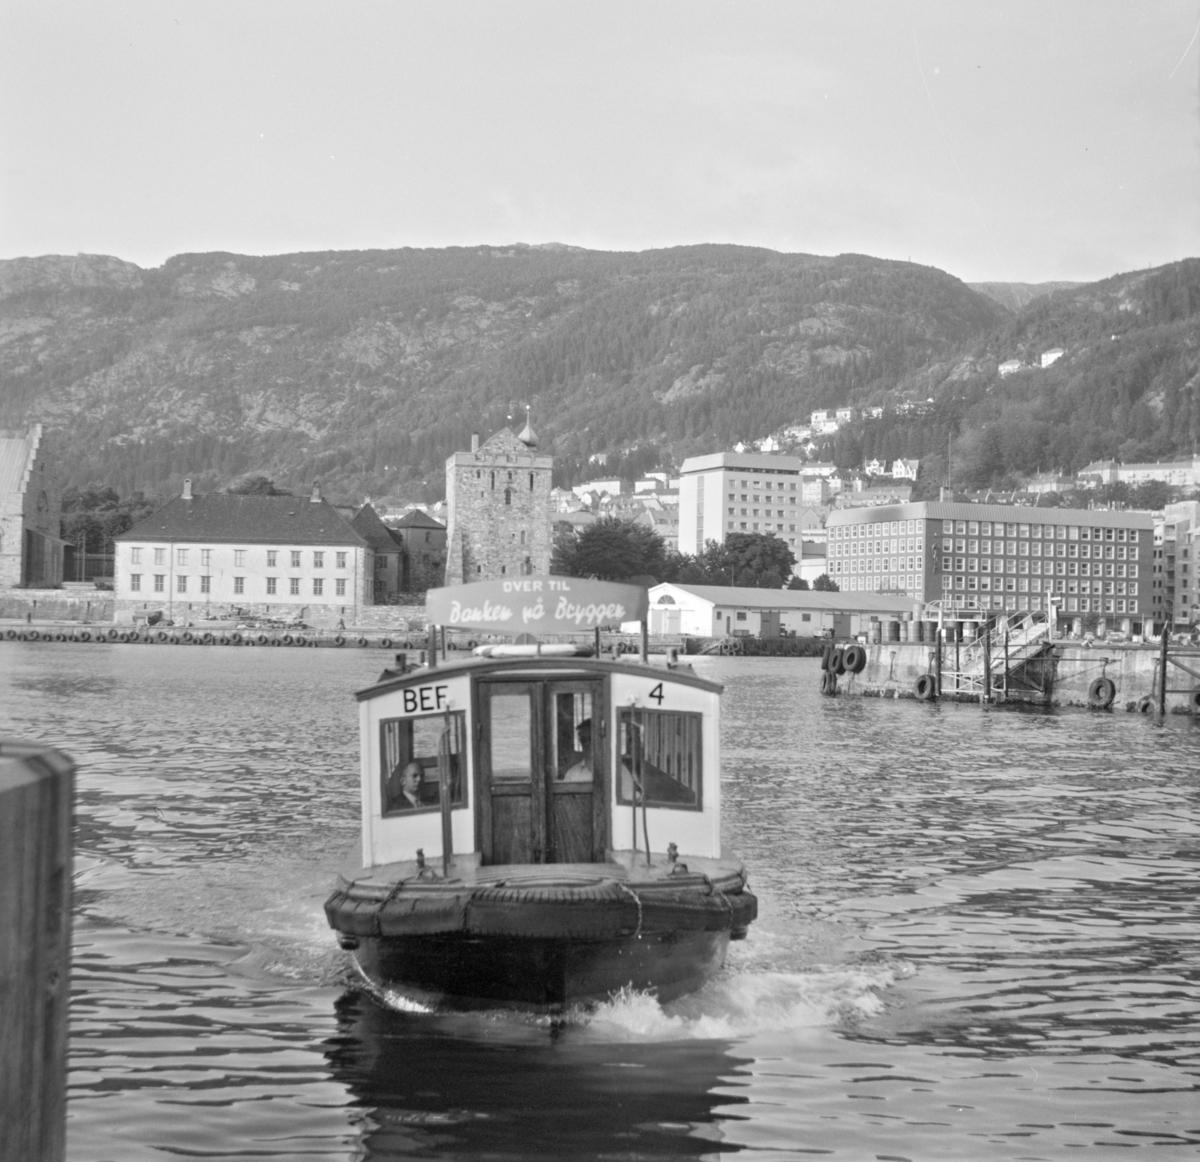 """MF """"Beffen"""", B.E.F. 4 på Vågen i Bergen"""